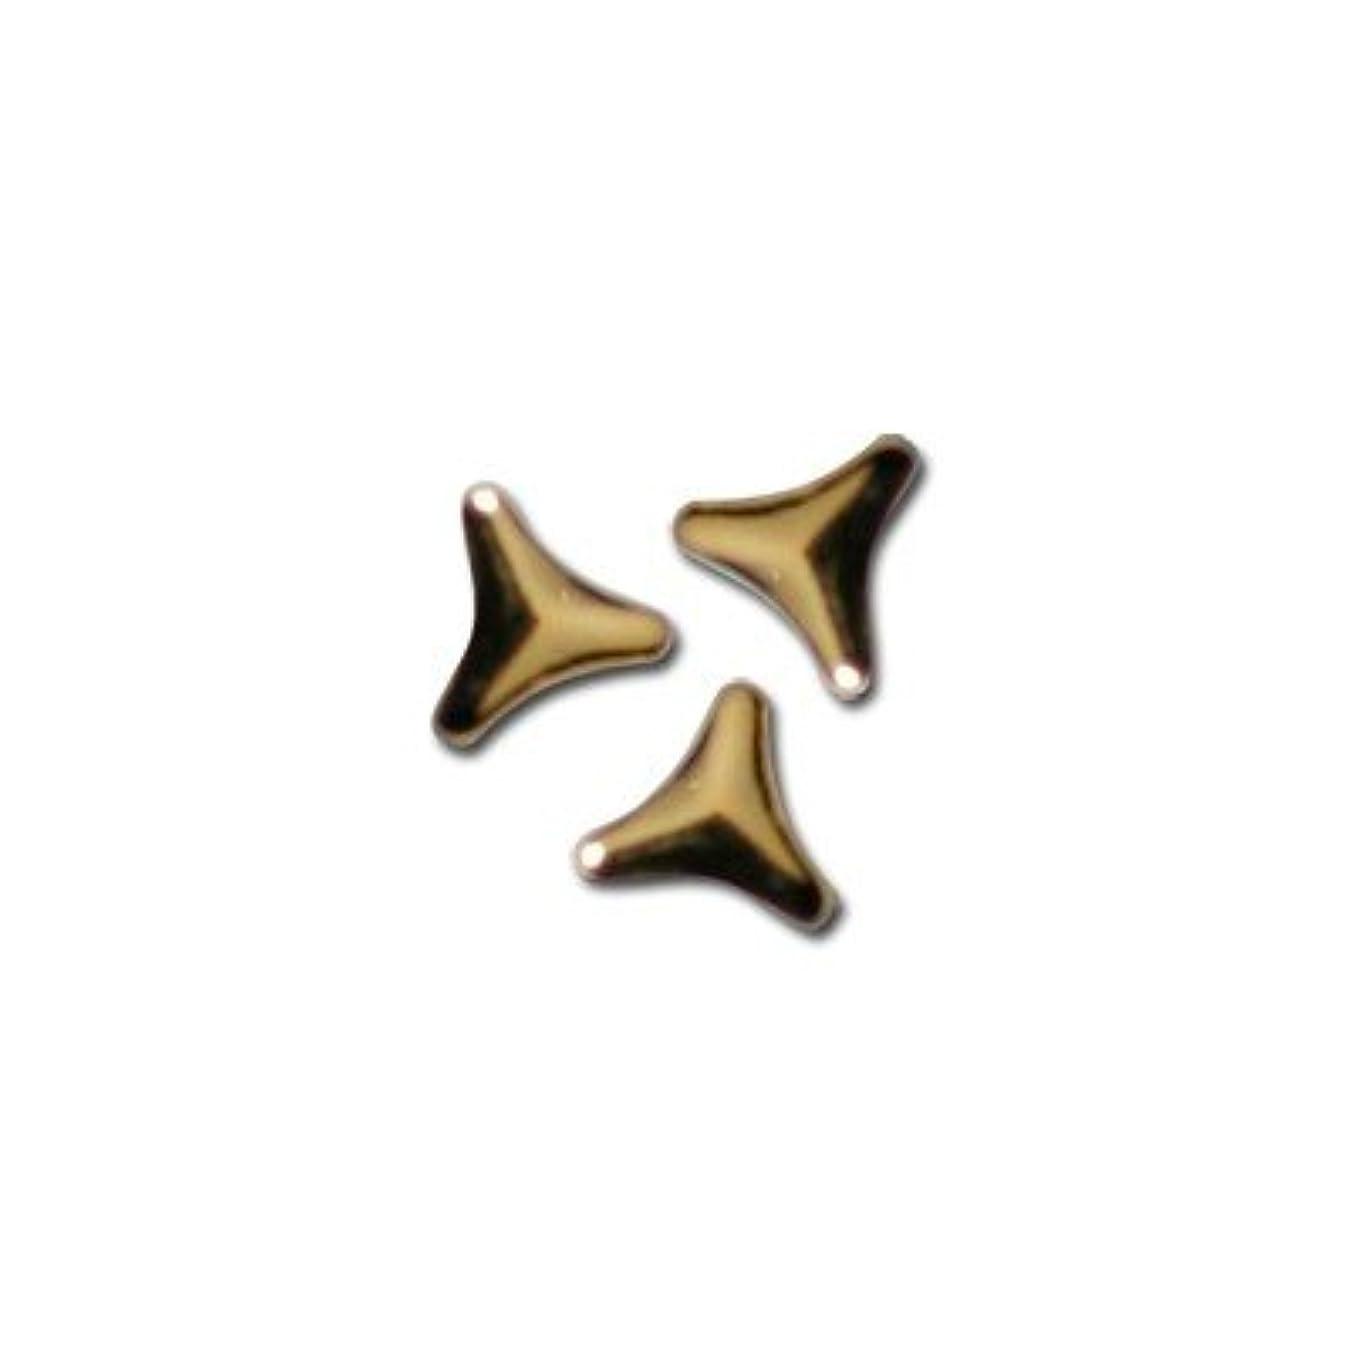 バドミントン条約メールを書くピアドラ スタッズ トライアングルマーク 2mm 50P ゴールド